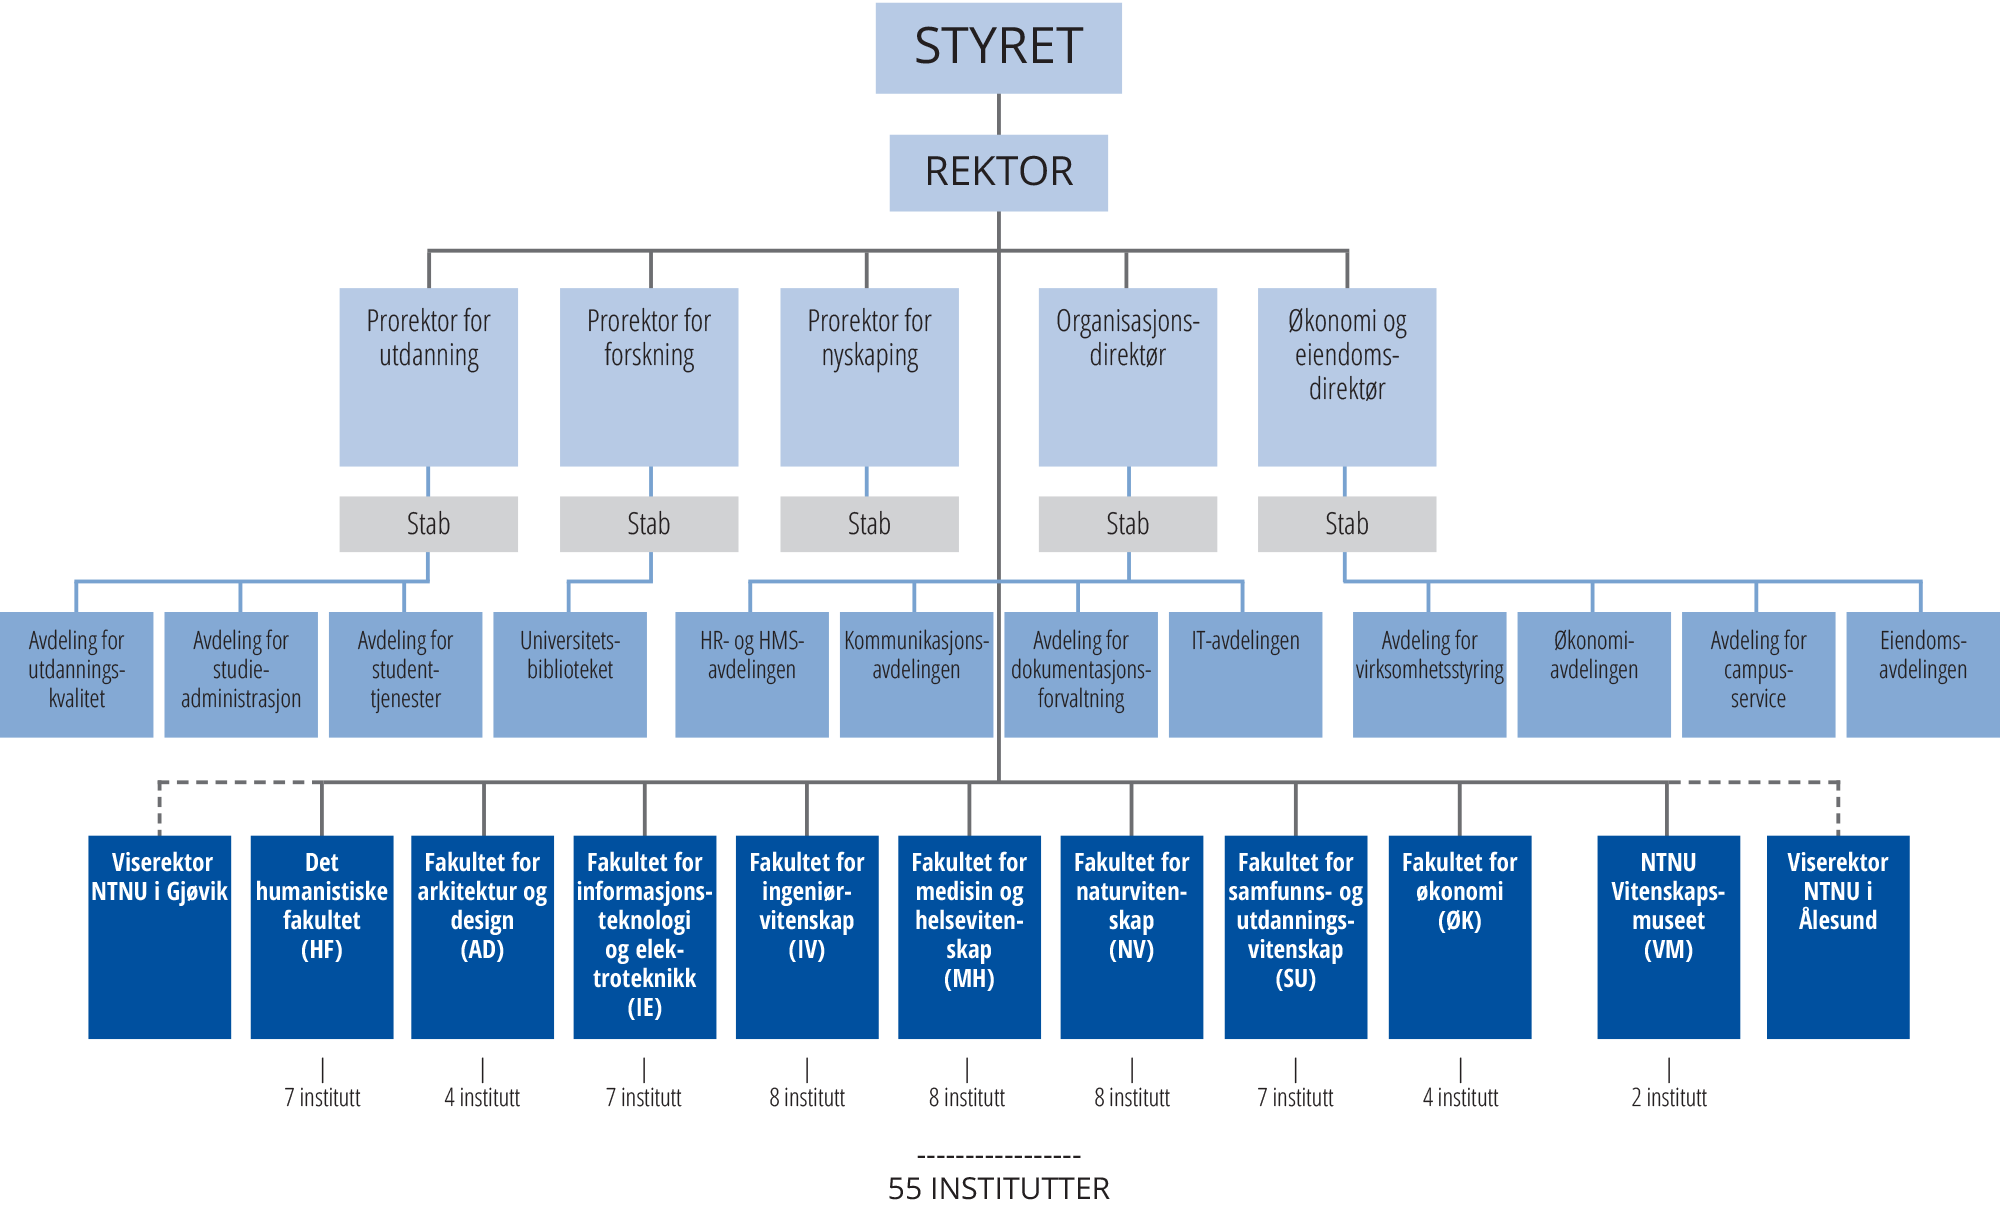 NTNU organisasjonskart 2021